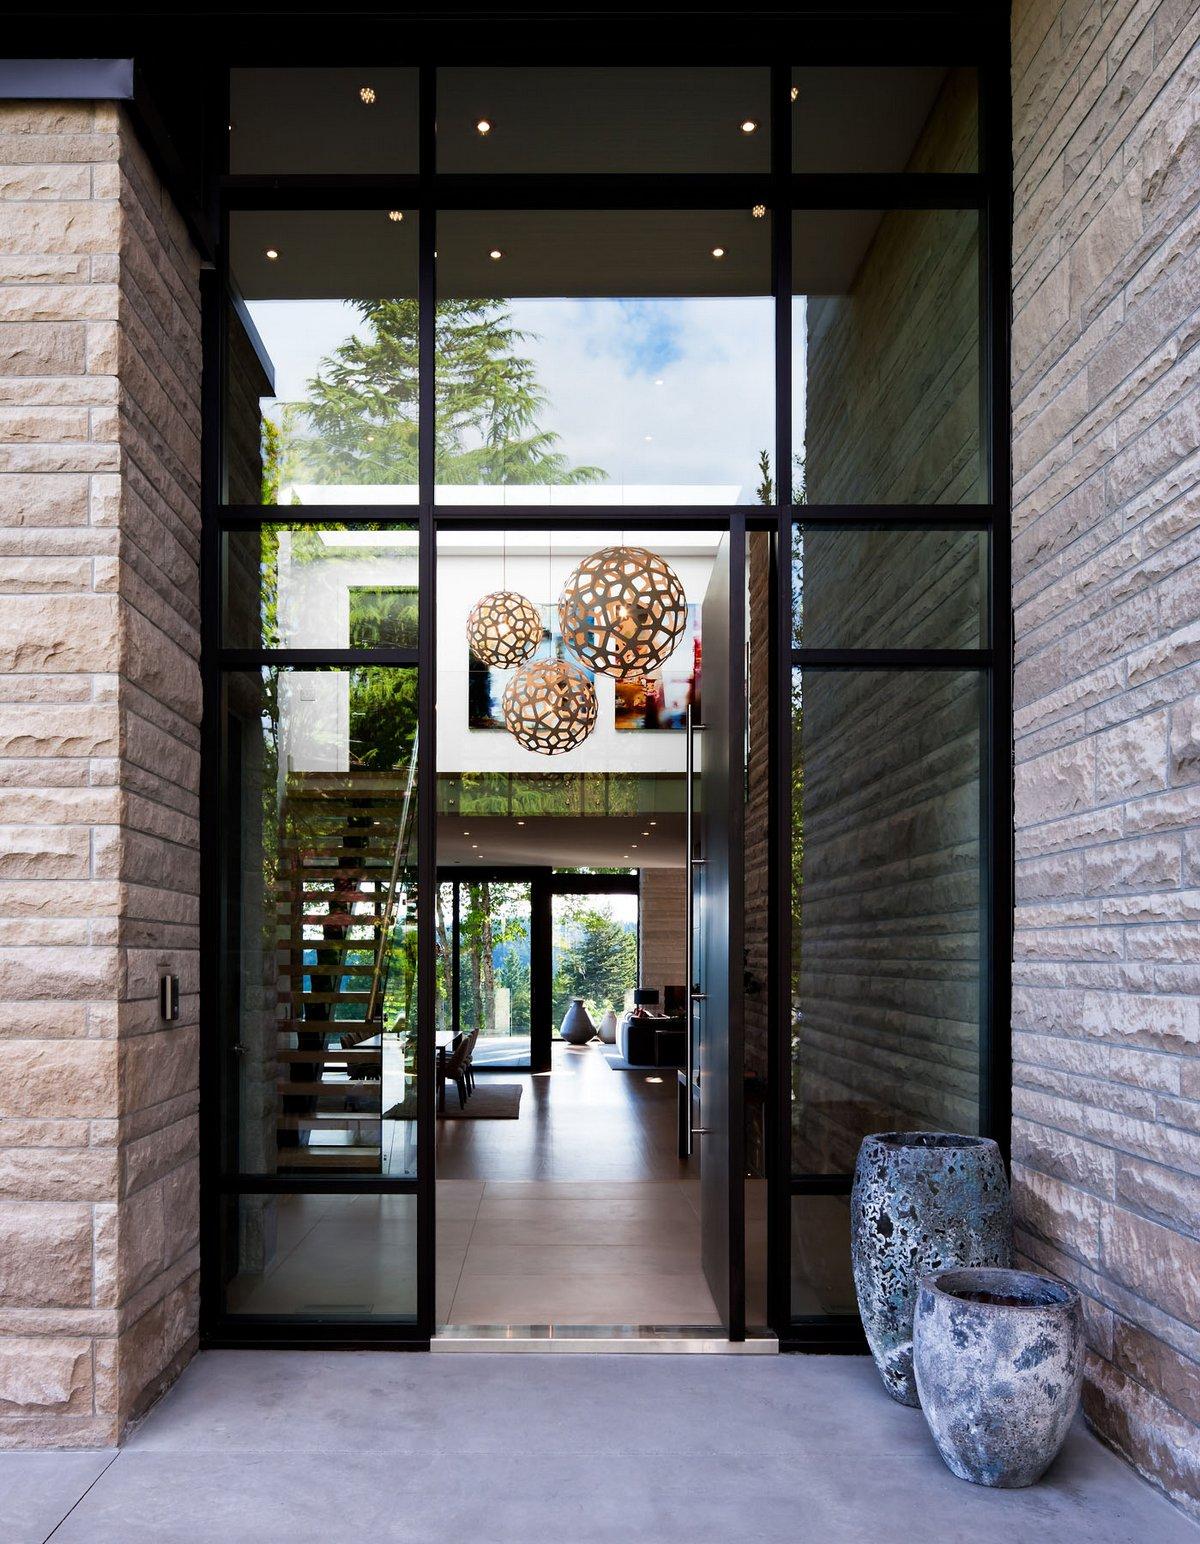 Craig Chevalier, Raven Inside, Burkehill Residence, особняк в Ванкувере, частный дом в Британской Колумбии, особняки в Канаде фото, стеклянные стены